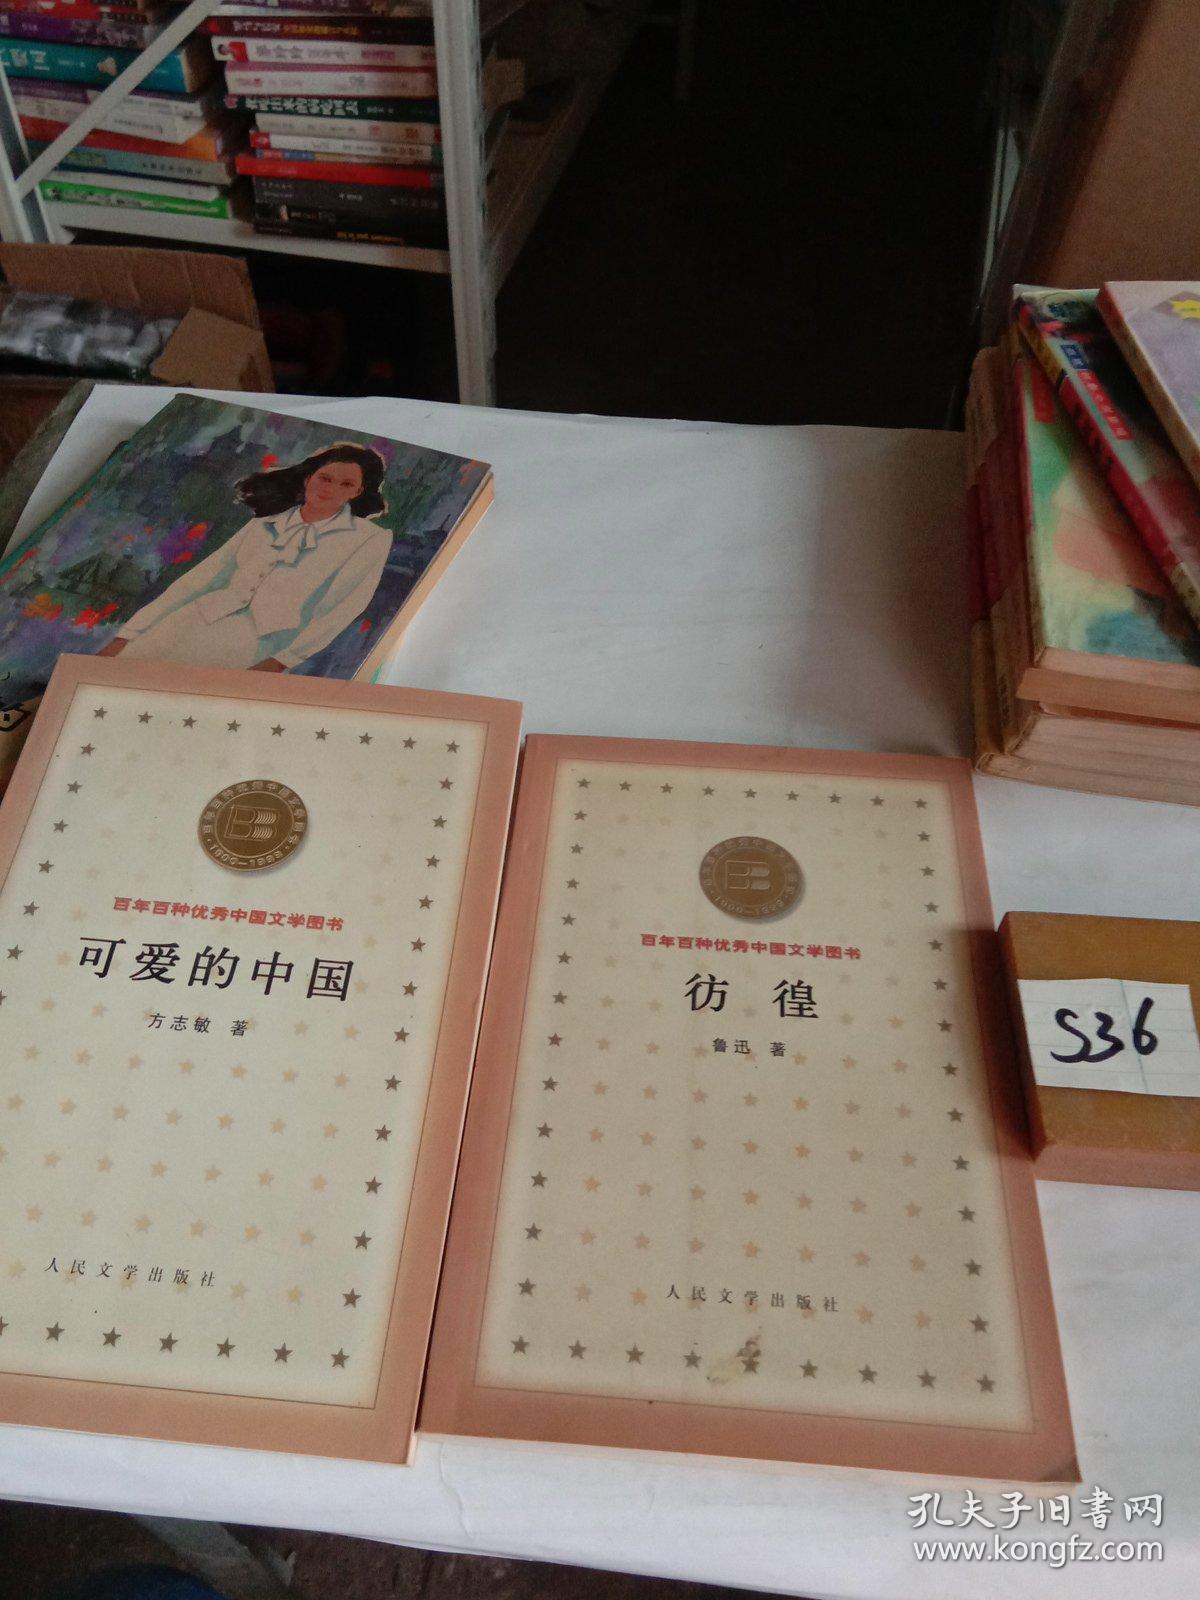 仿徨和可爱的中国  百年百种优秀中国文学图书  两本